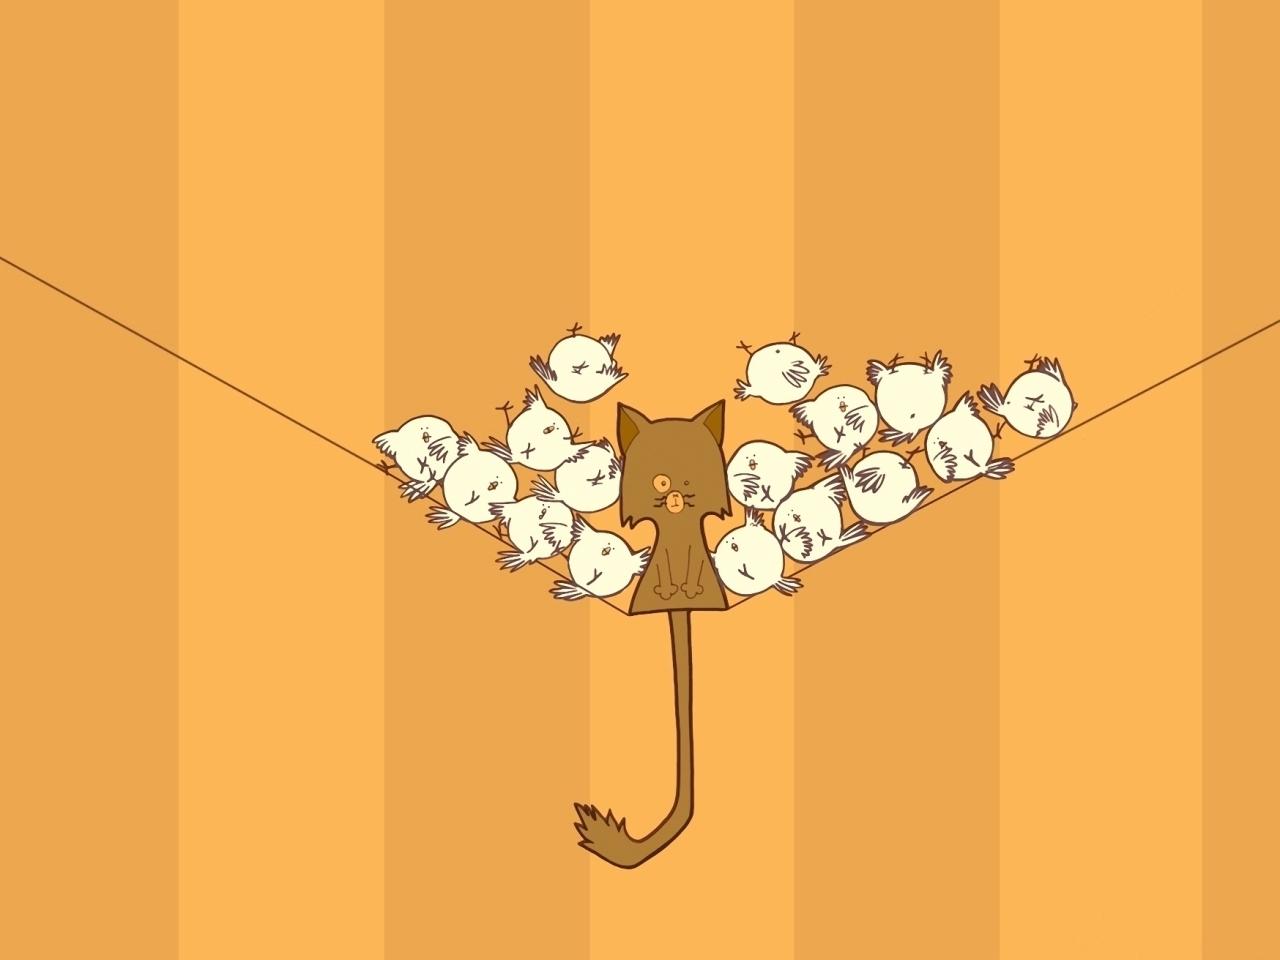 24474 скачать обои Юмор, Животные, Кошки (Коты, Котики), Птицы - заставки и картинки бесплатно